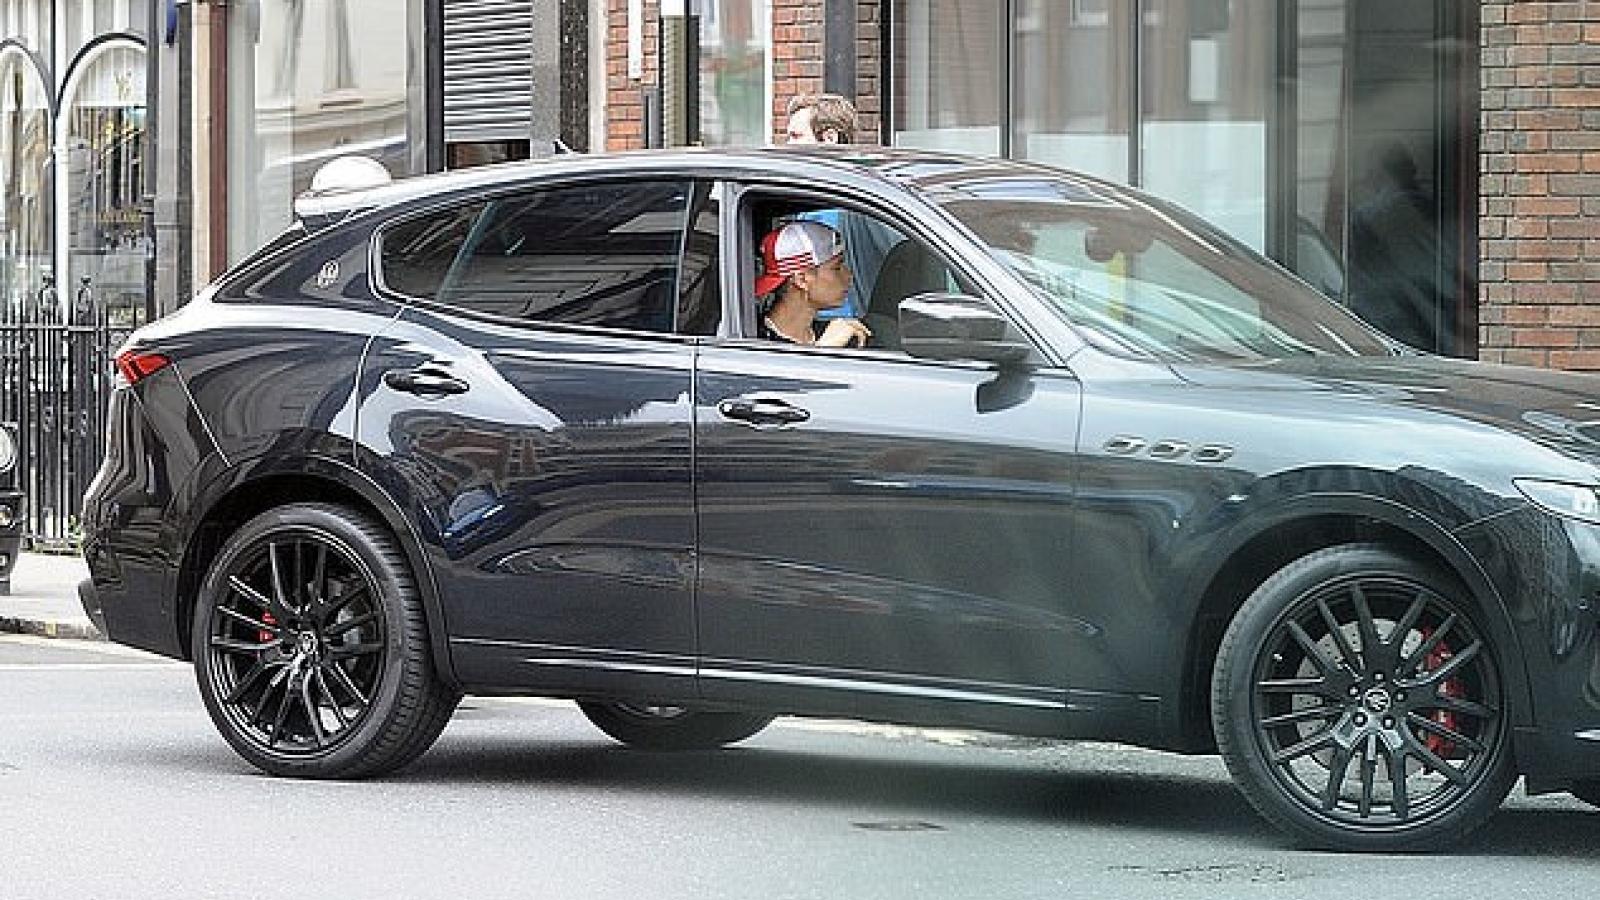 Romeo Beckham lái xe sang đi chơi cùng bạn thân